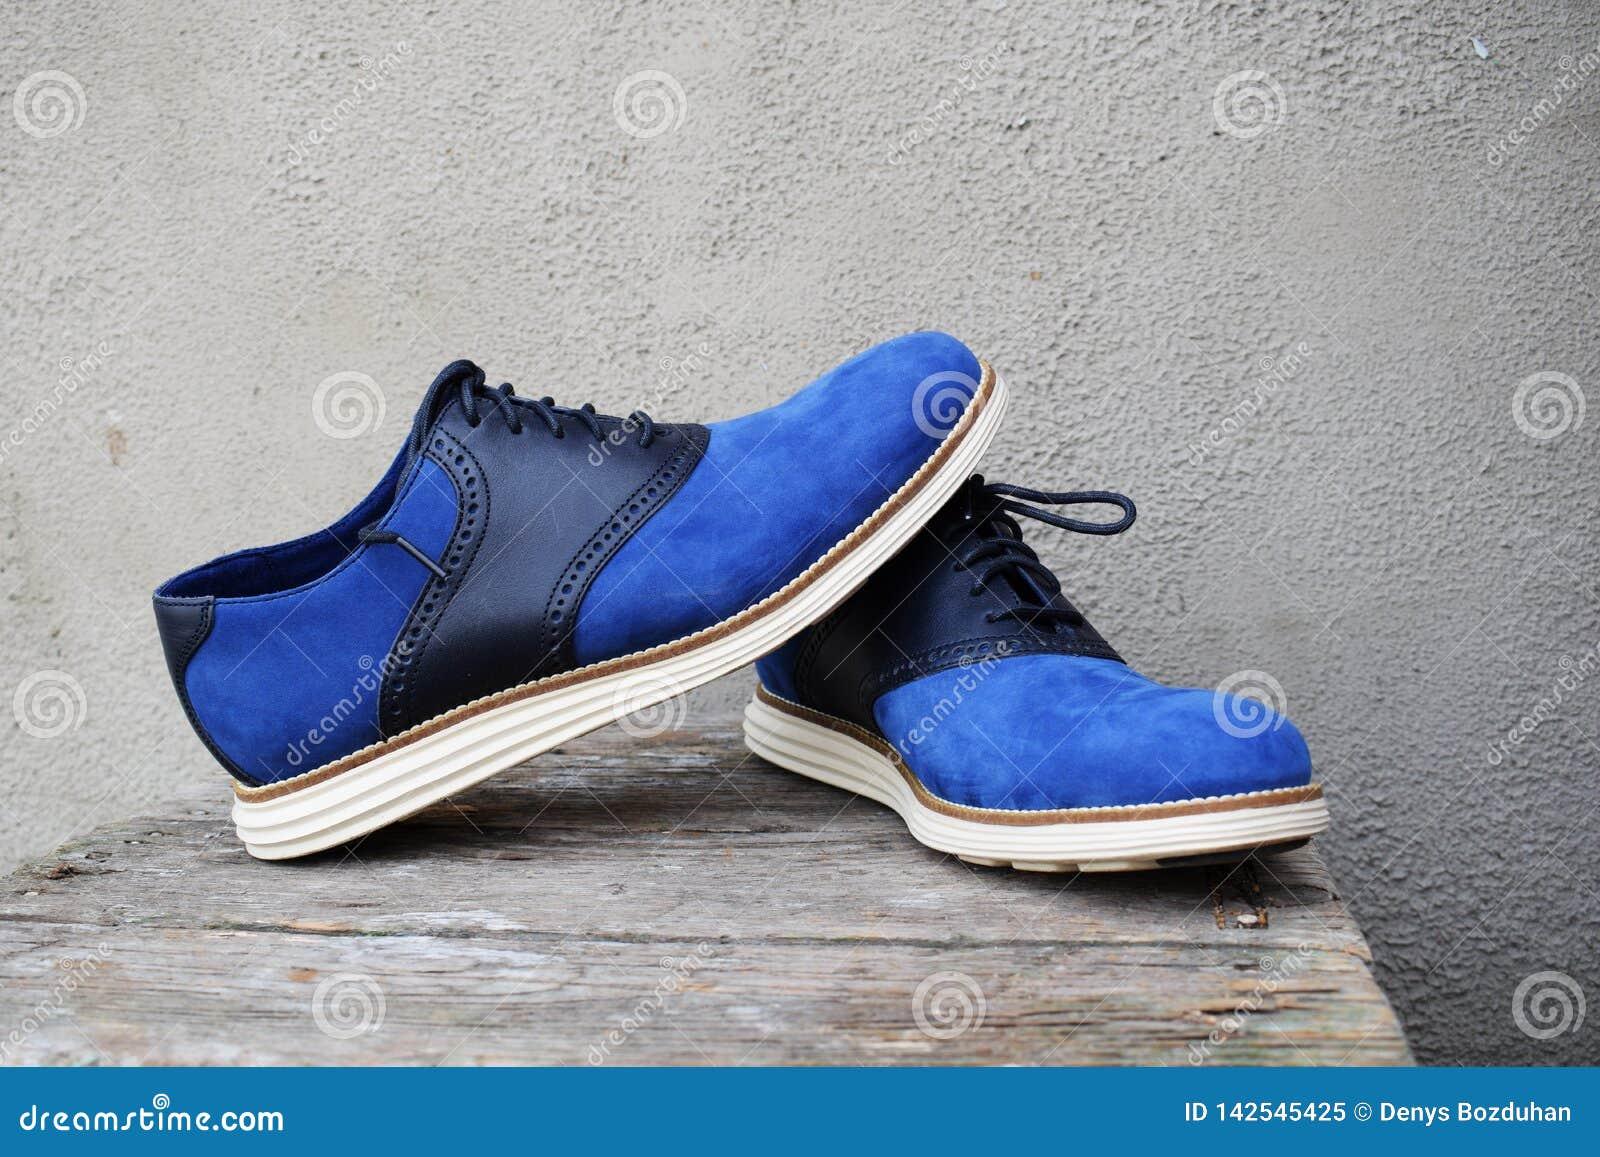 Escuro - sapatilhas azuis com uma sola branca em um fundo de madeira